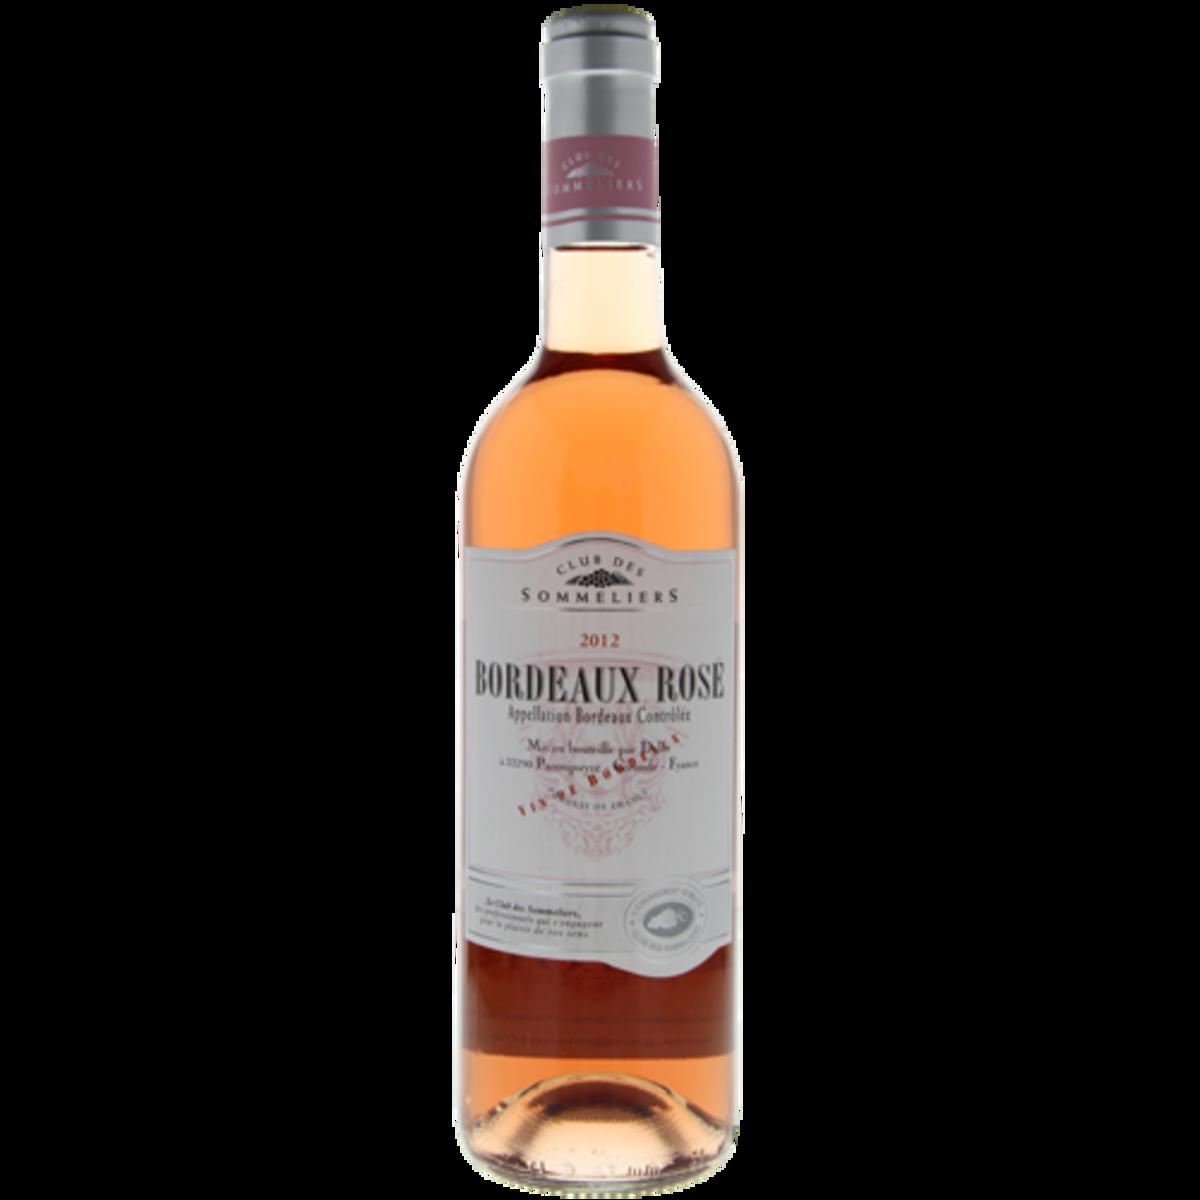 Bordeaux Rose Wine Club des Sommeliers (375ml)